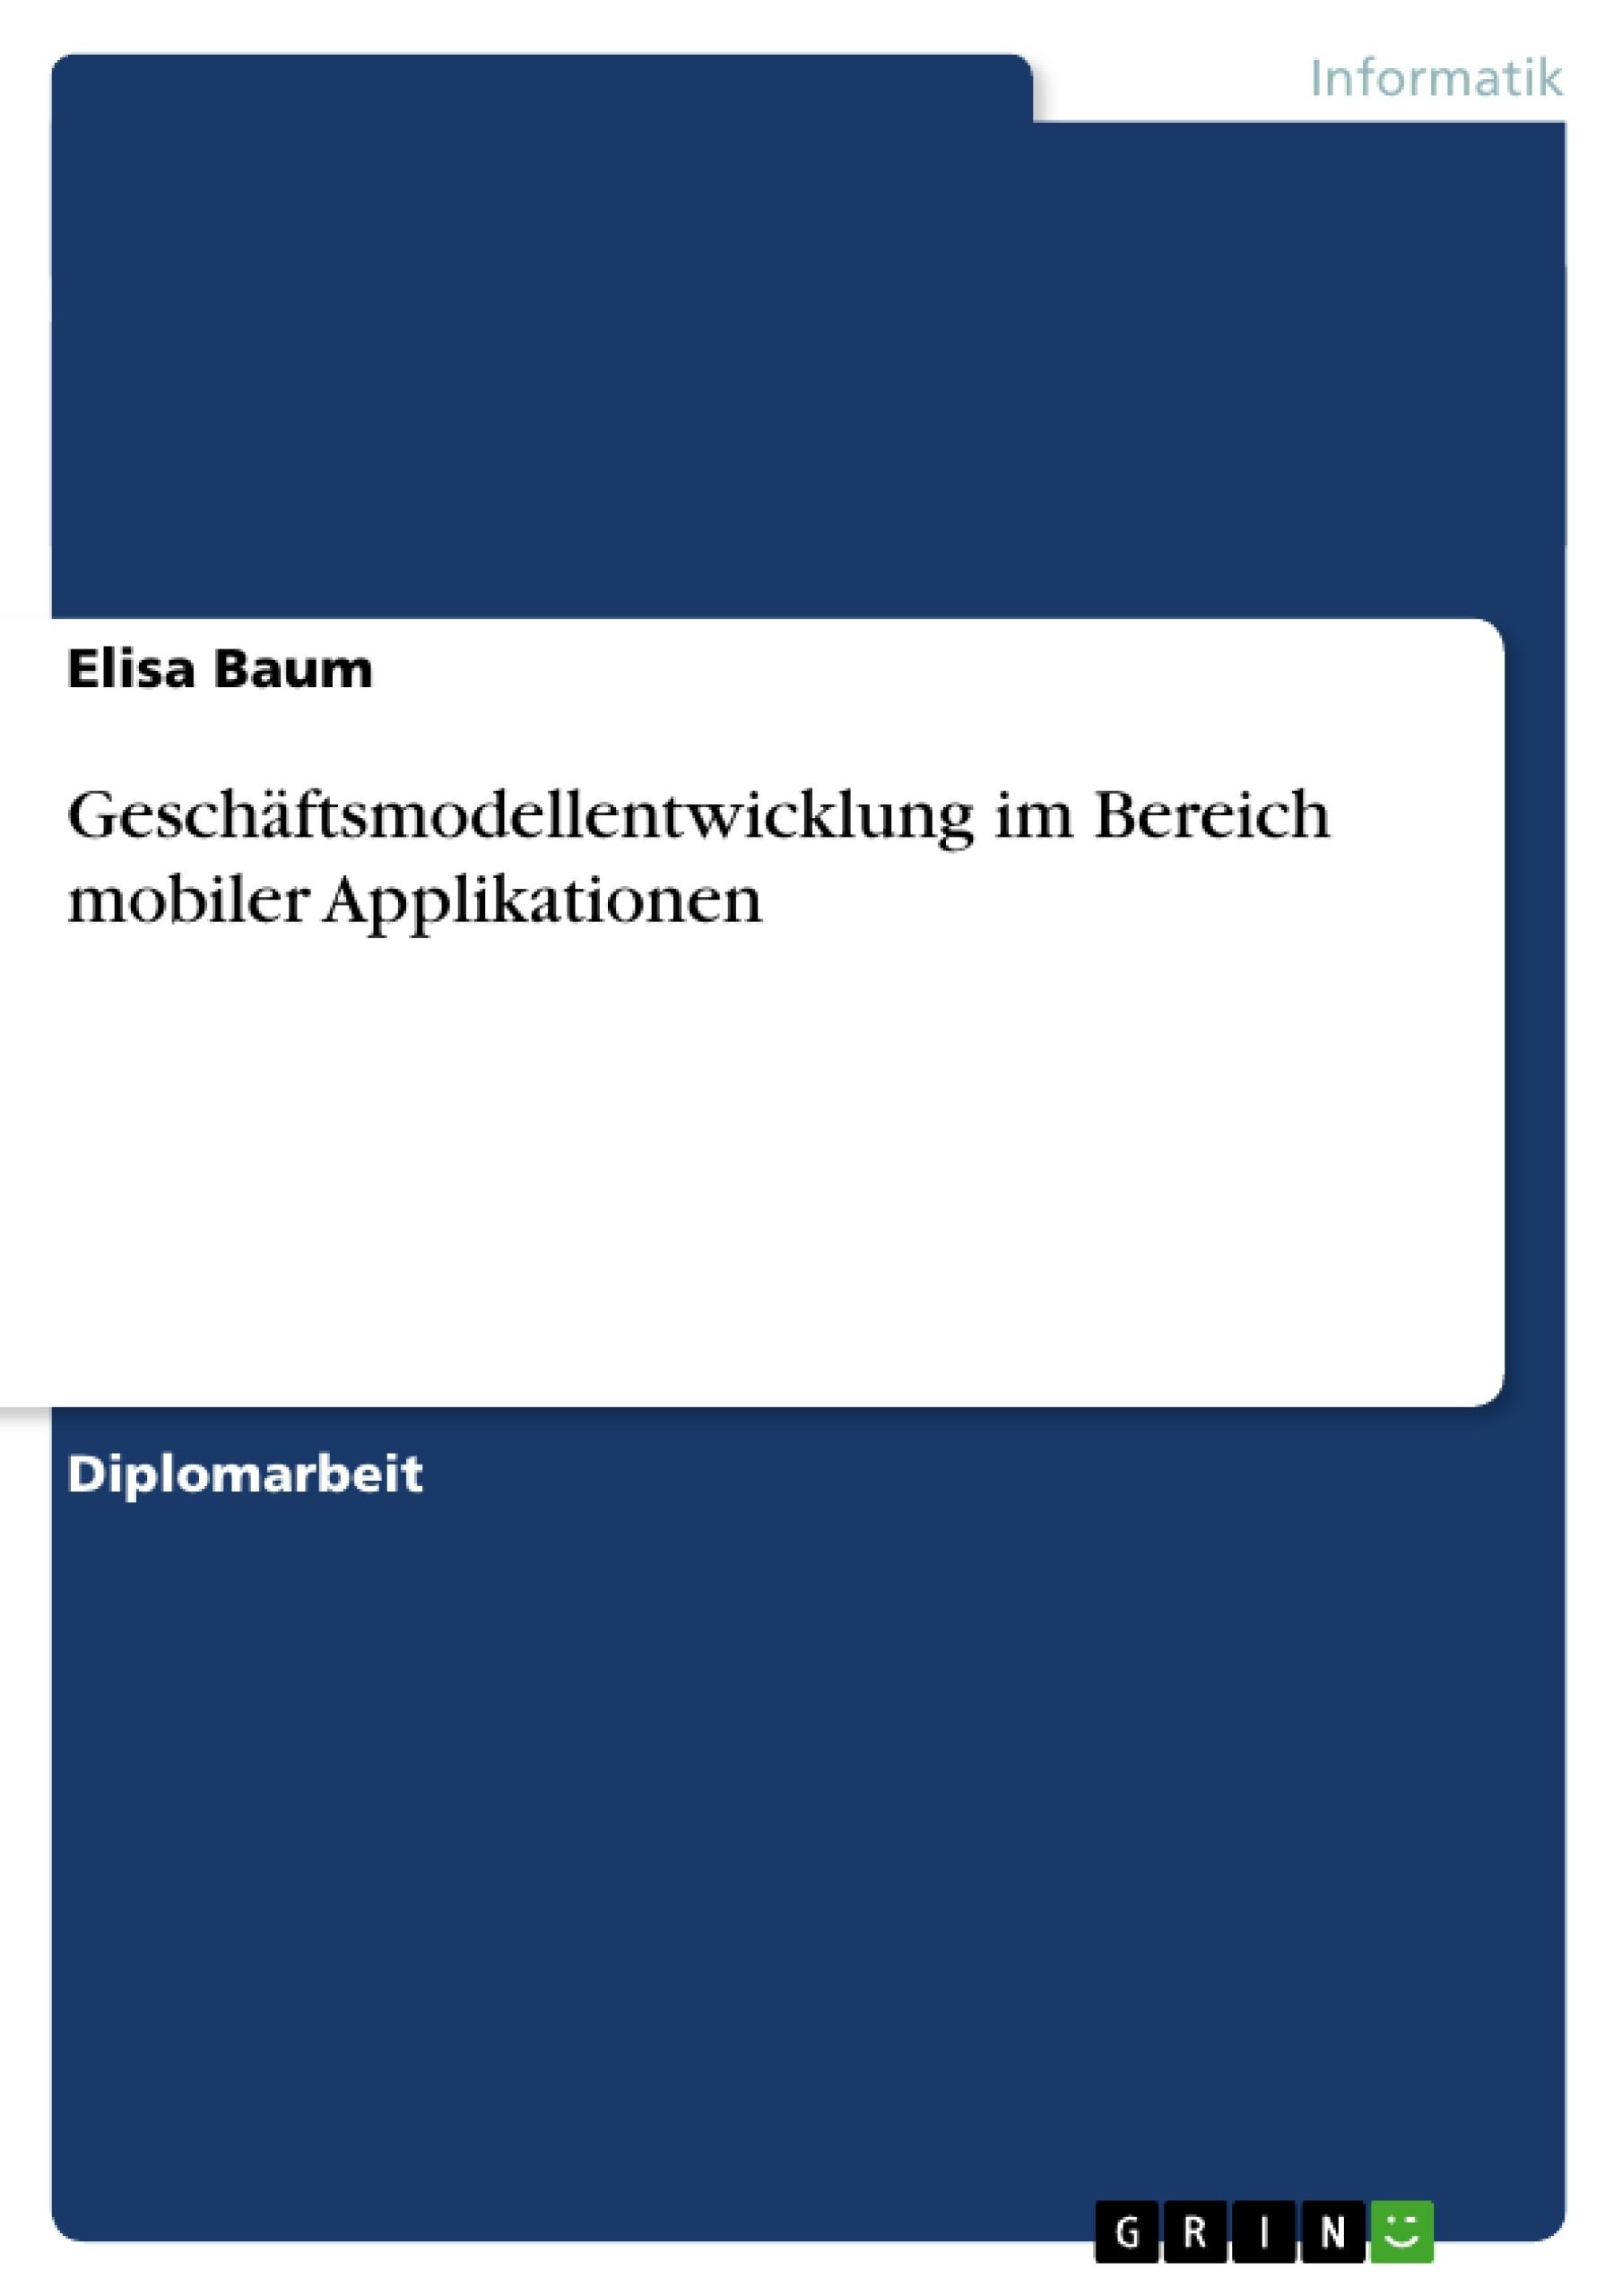 Titel: Geschäftsmodellentwicklung im Bereich mobiler Applikationen